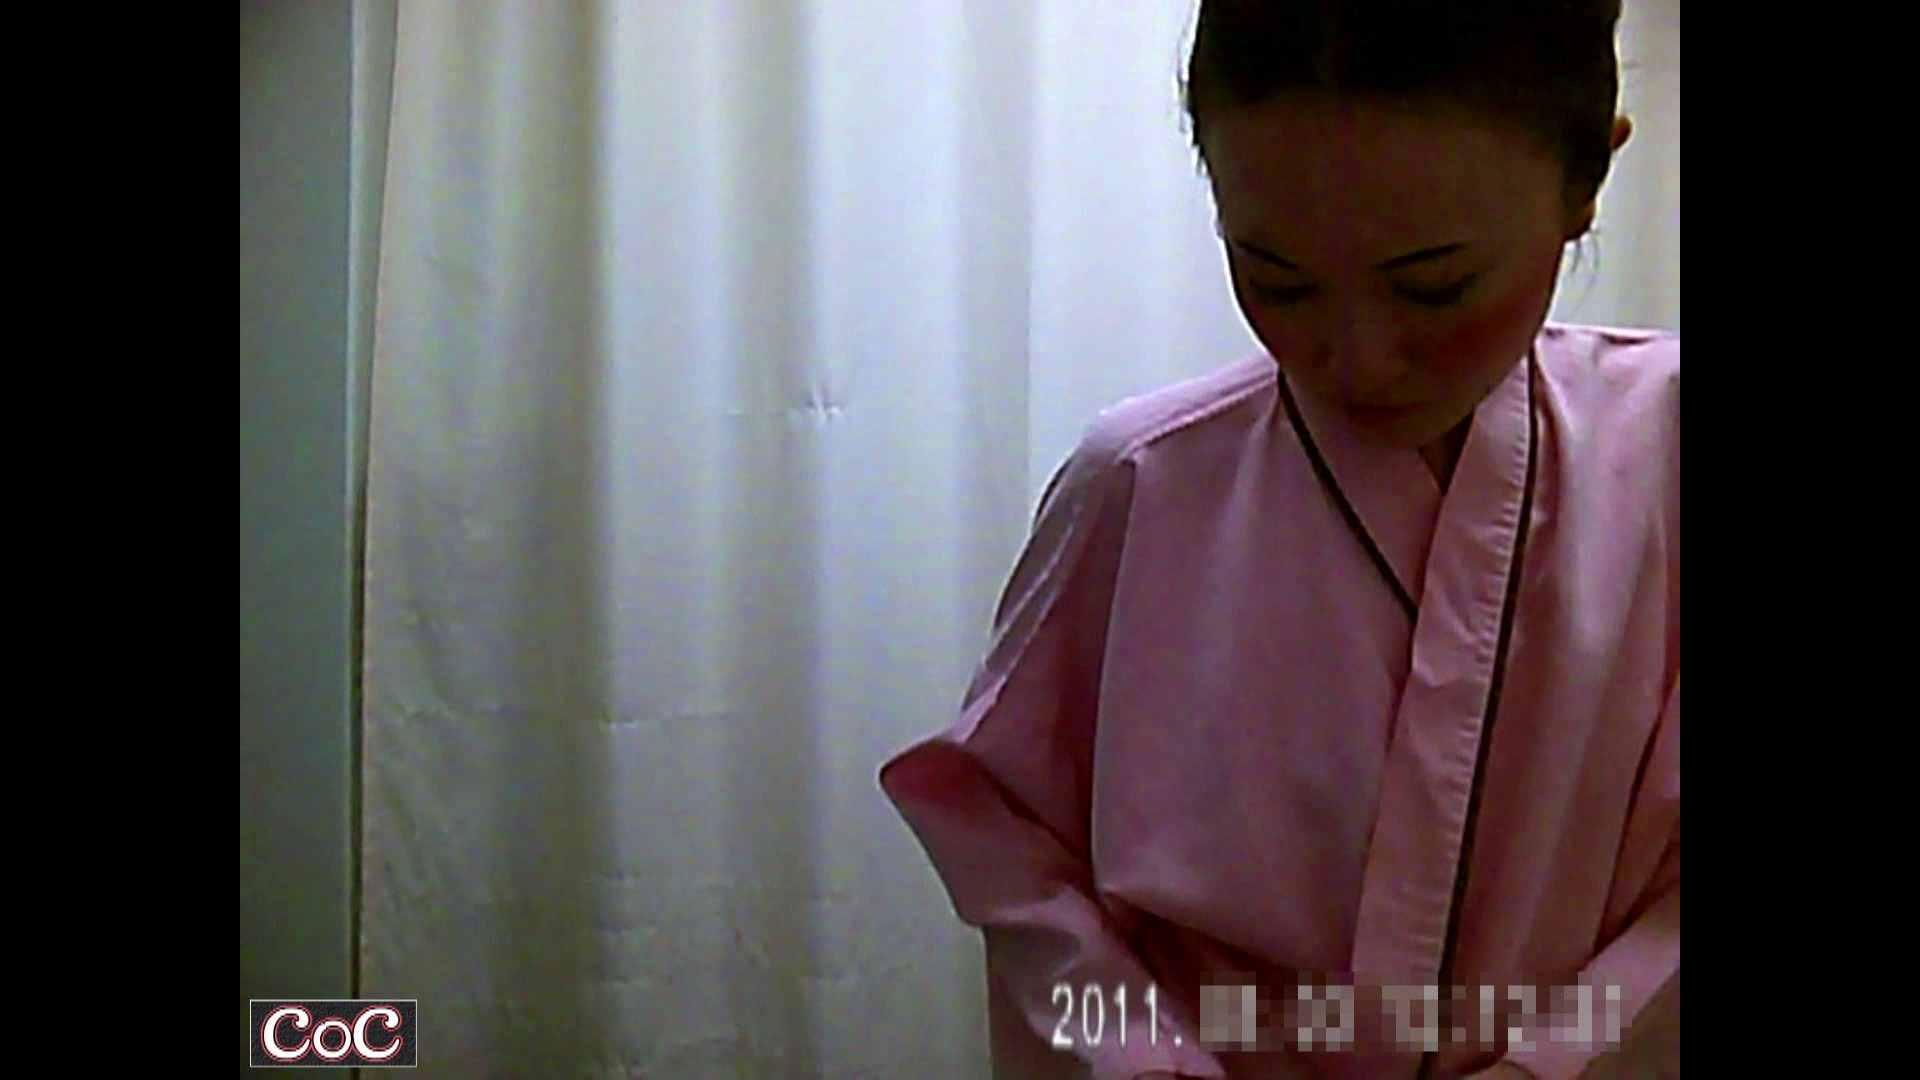 病院おもいっきり着替え! vol.09 貧乳 覗きおまんこ画像 89pic 48